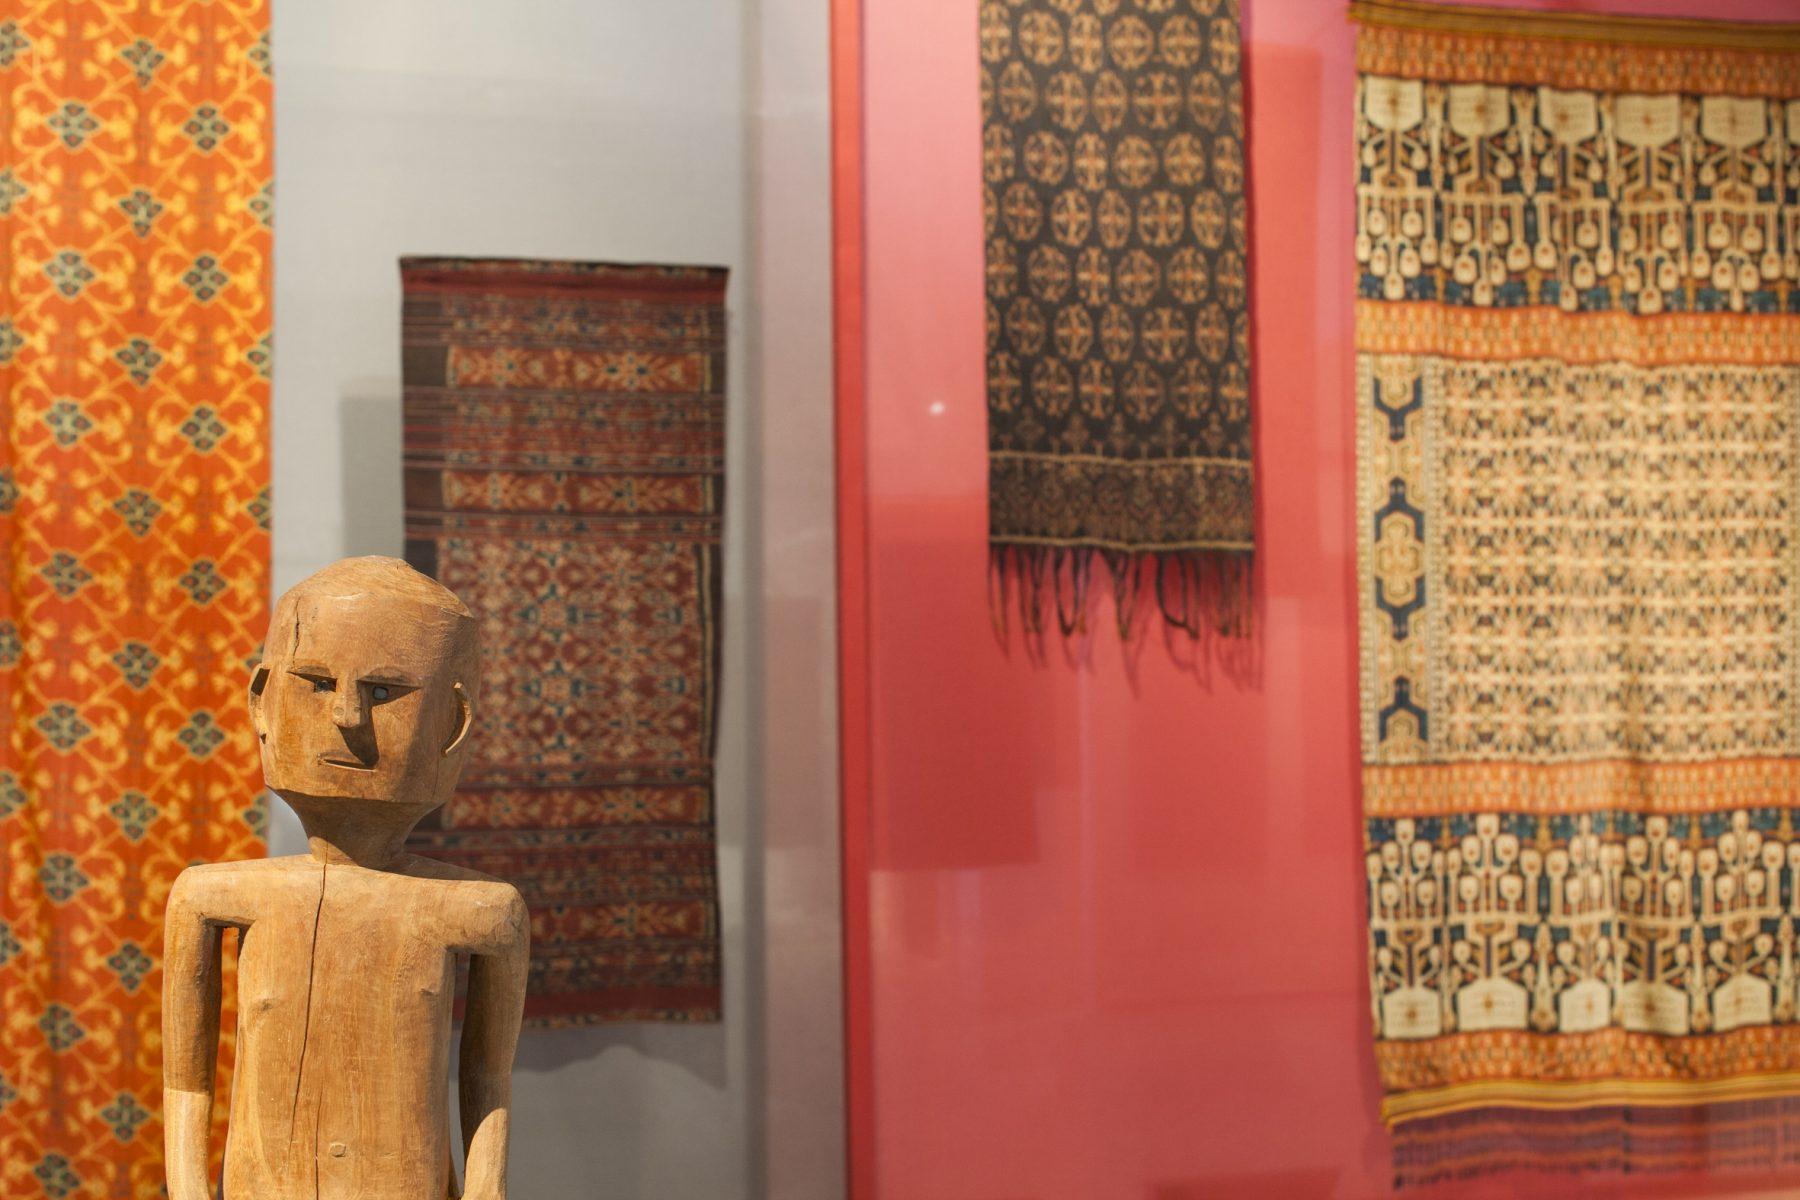 Ikat-weefsels met bloempatronen domineren de tentoonstelling.